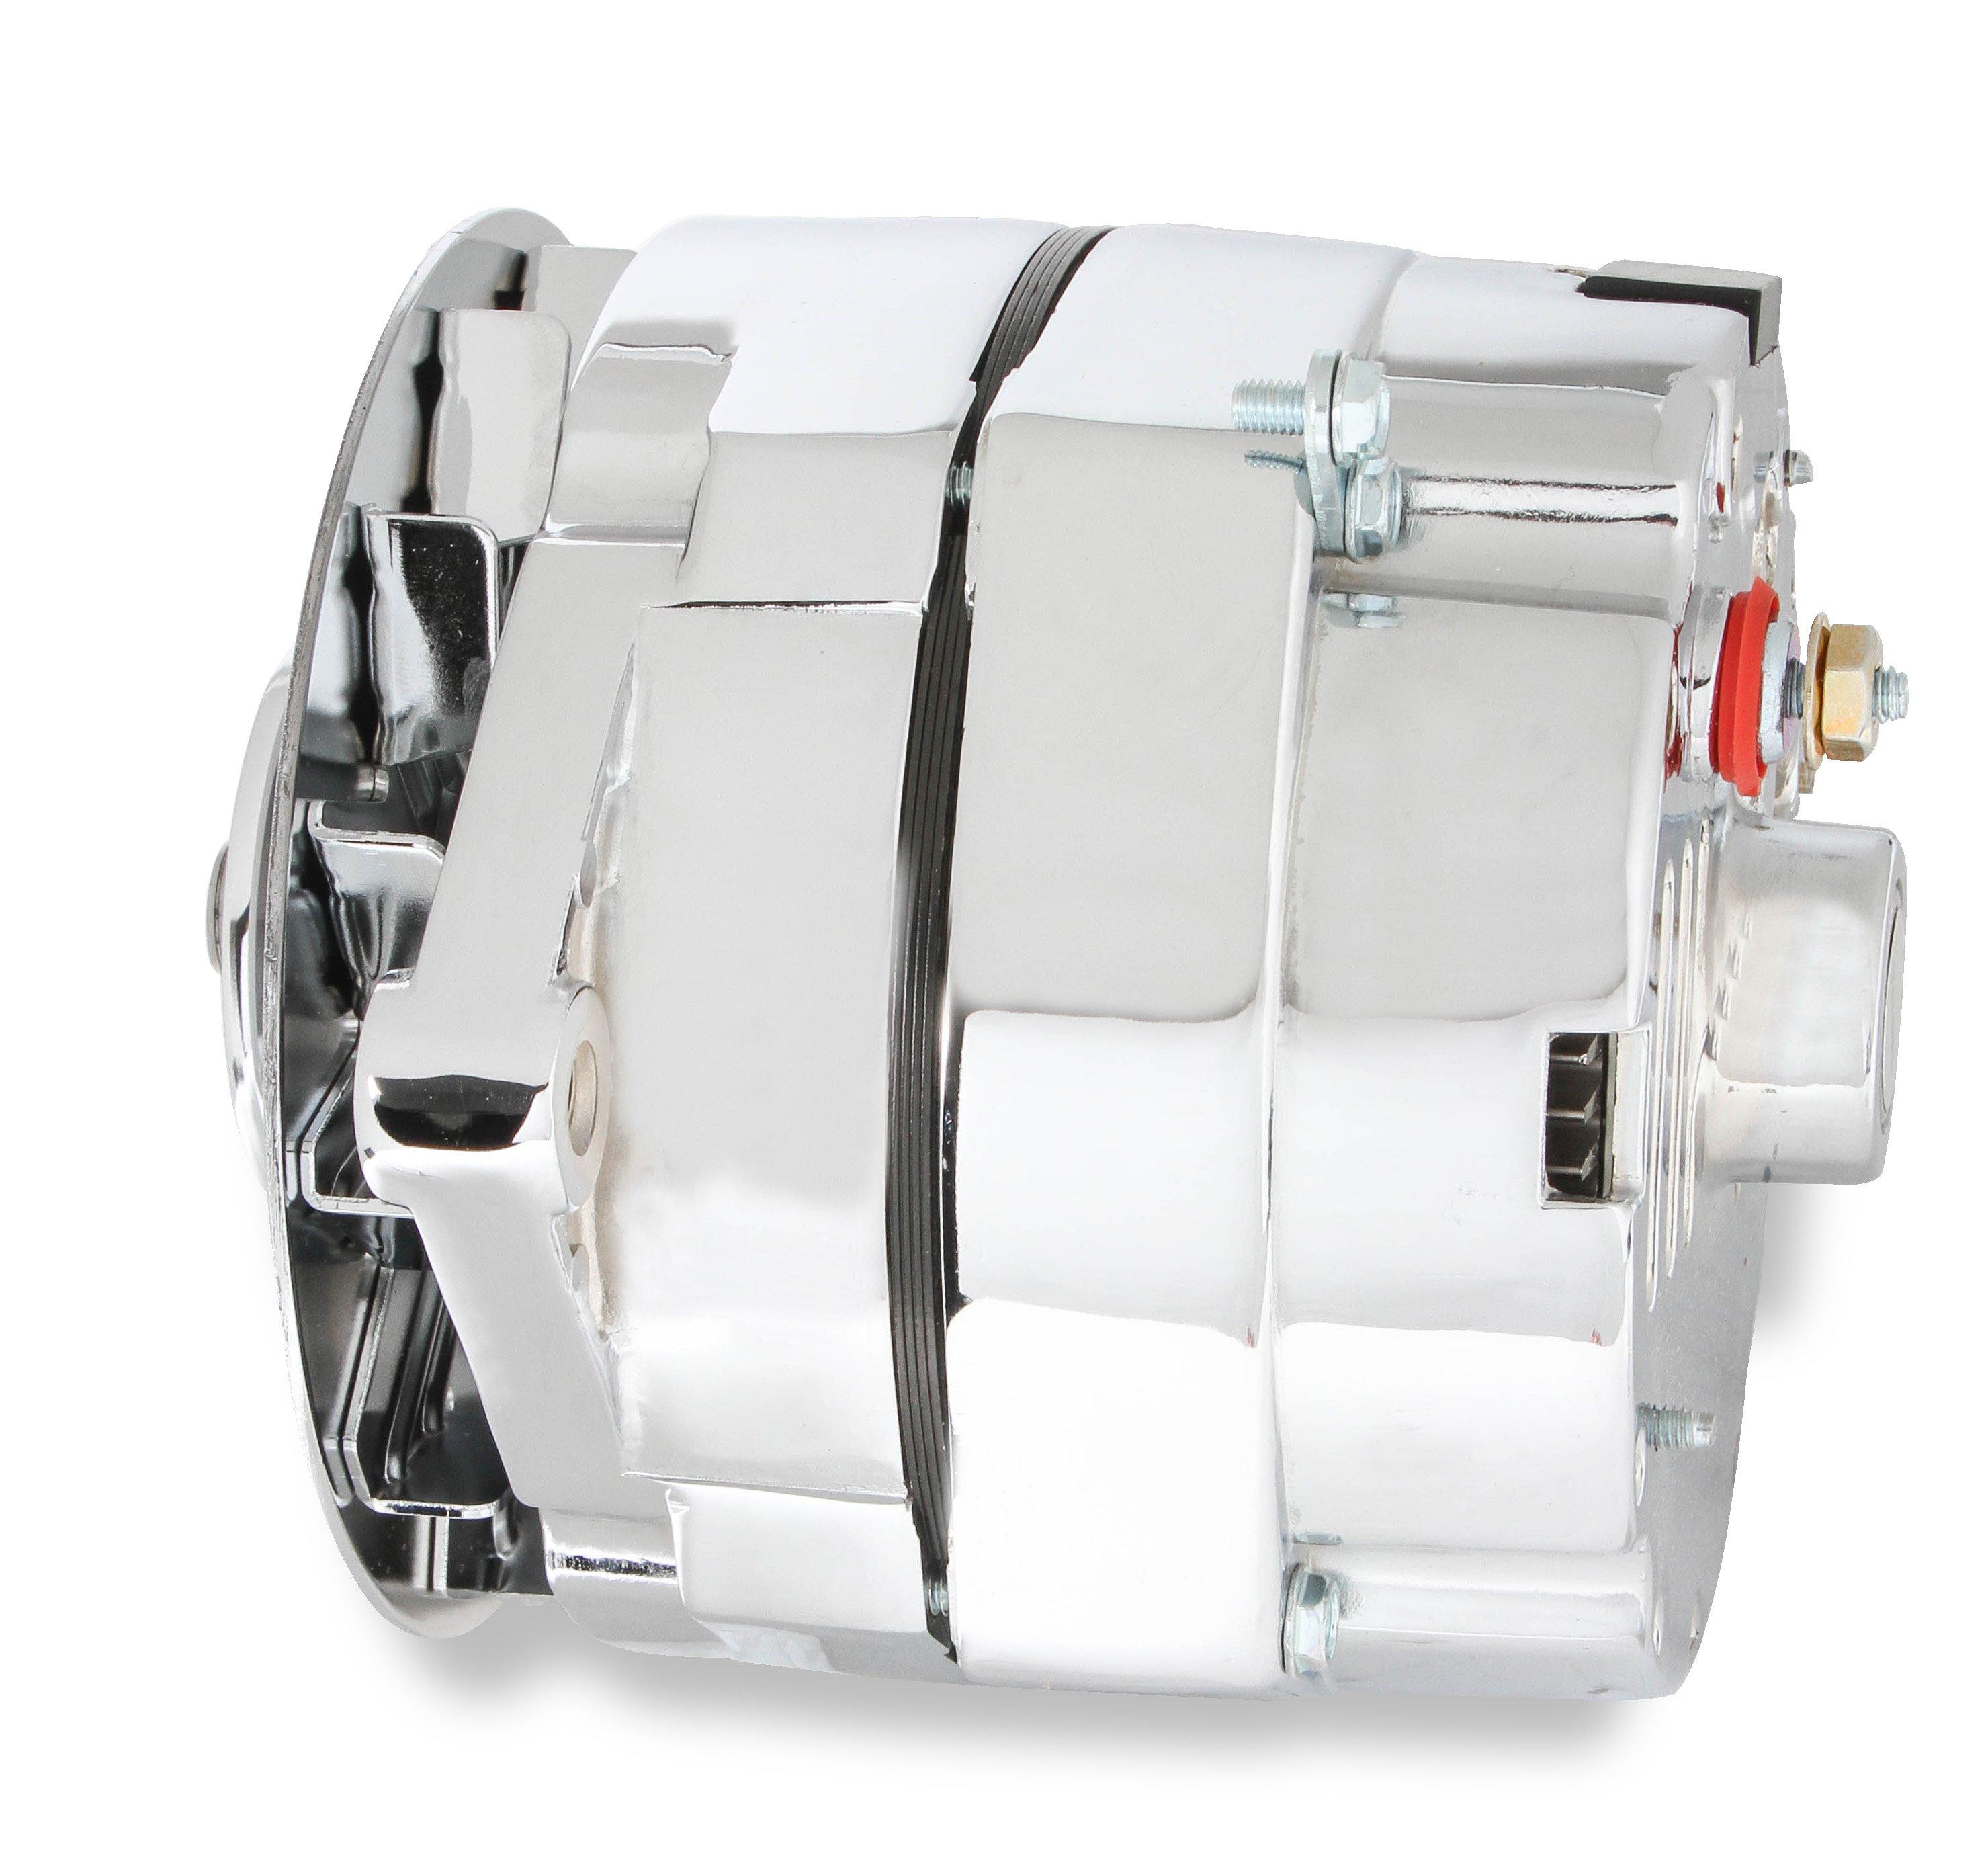 Replacement V-Belt fits 1971 GMC G15//G1500 Van V8 5.0L Gas H Fan and Alternator 44 in Belt